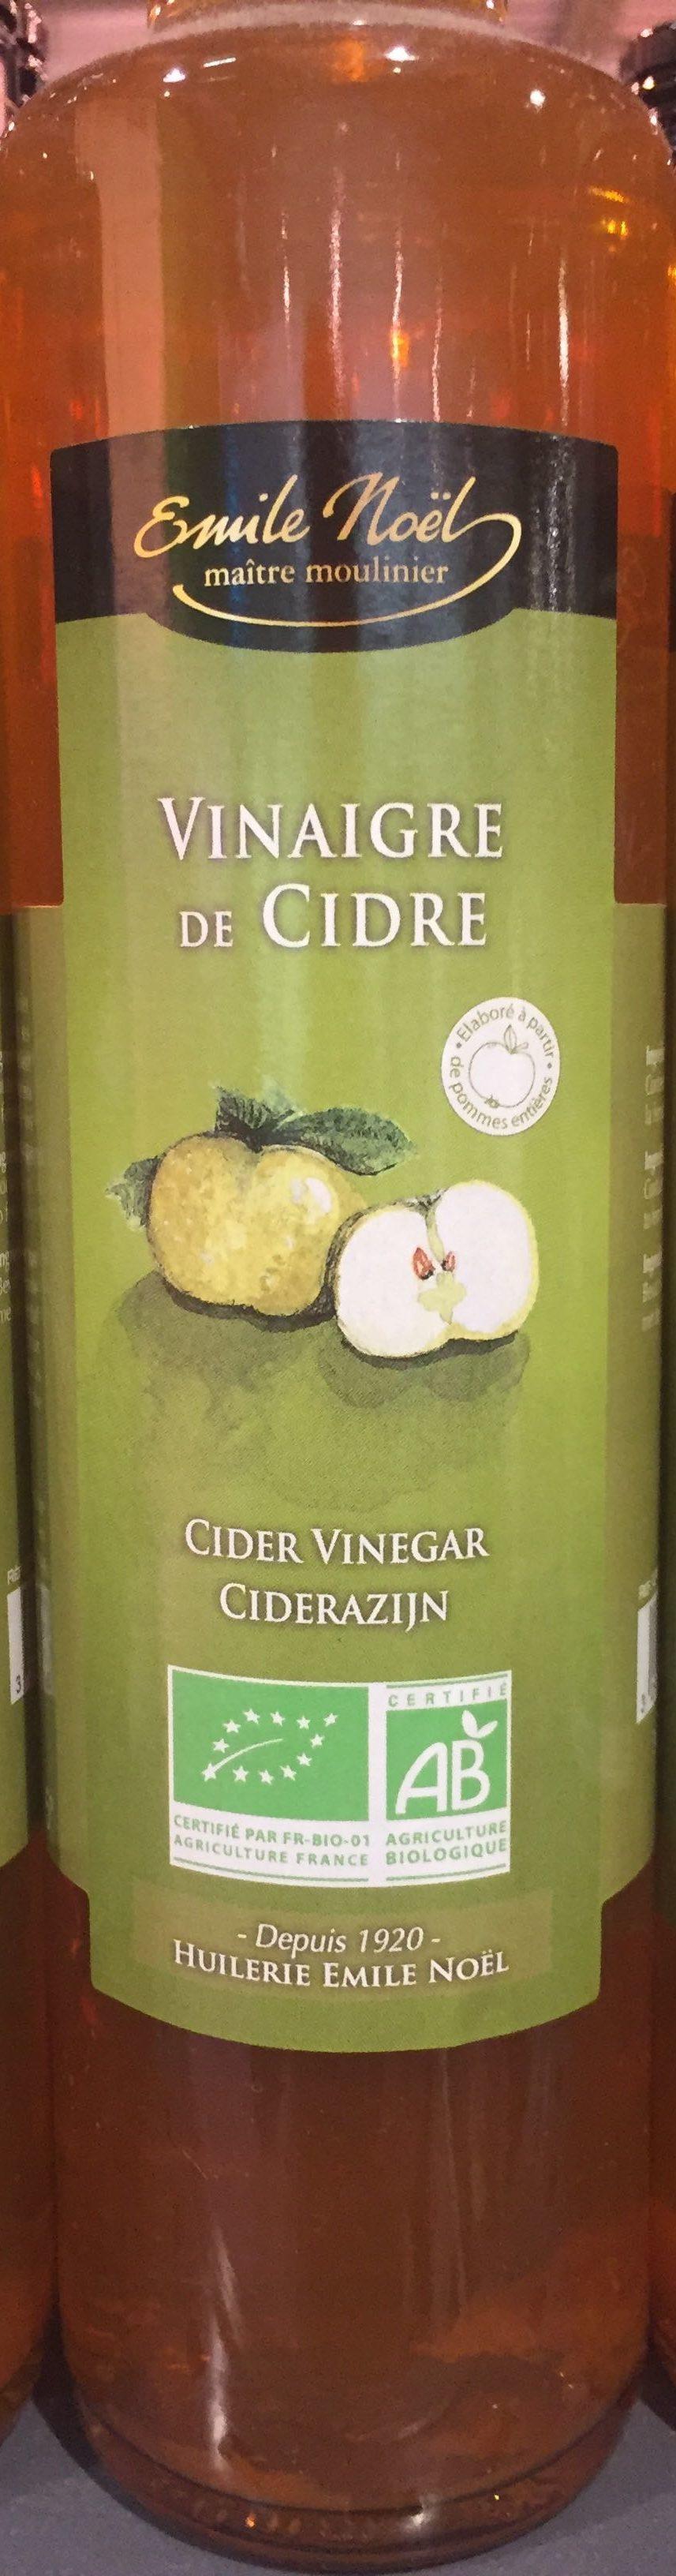 Vinaigre de cidre - Produit